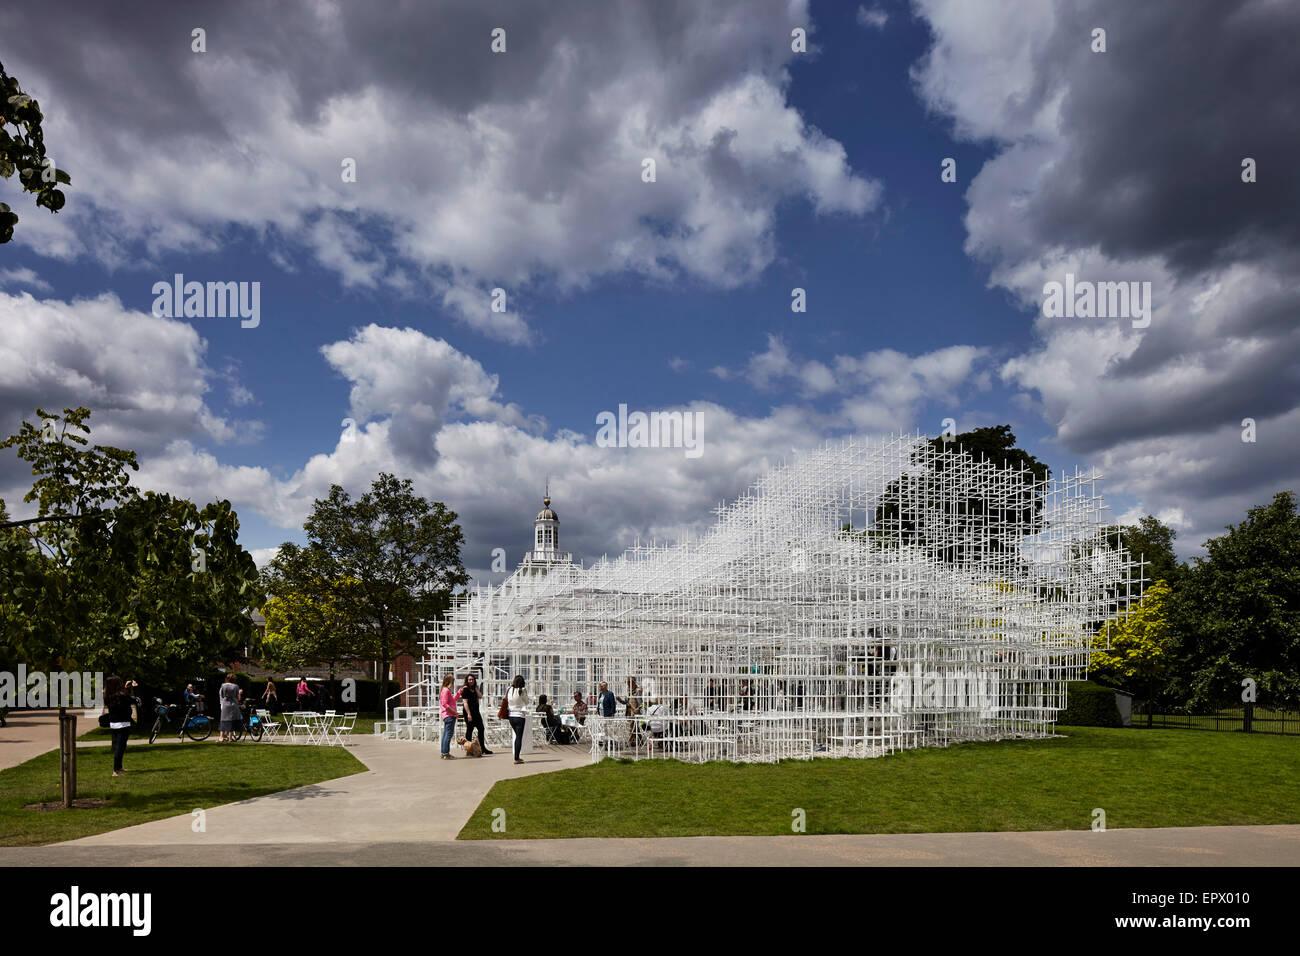 Instalación arquitectónica temporal, el Serpentine Pavilion 2013, los Jardines de Kensington, Londres, Imagen De Stock